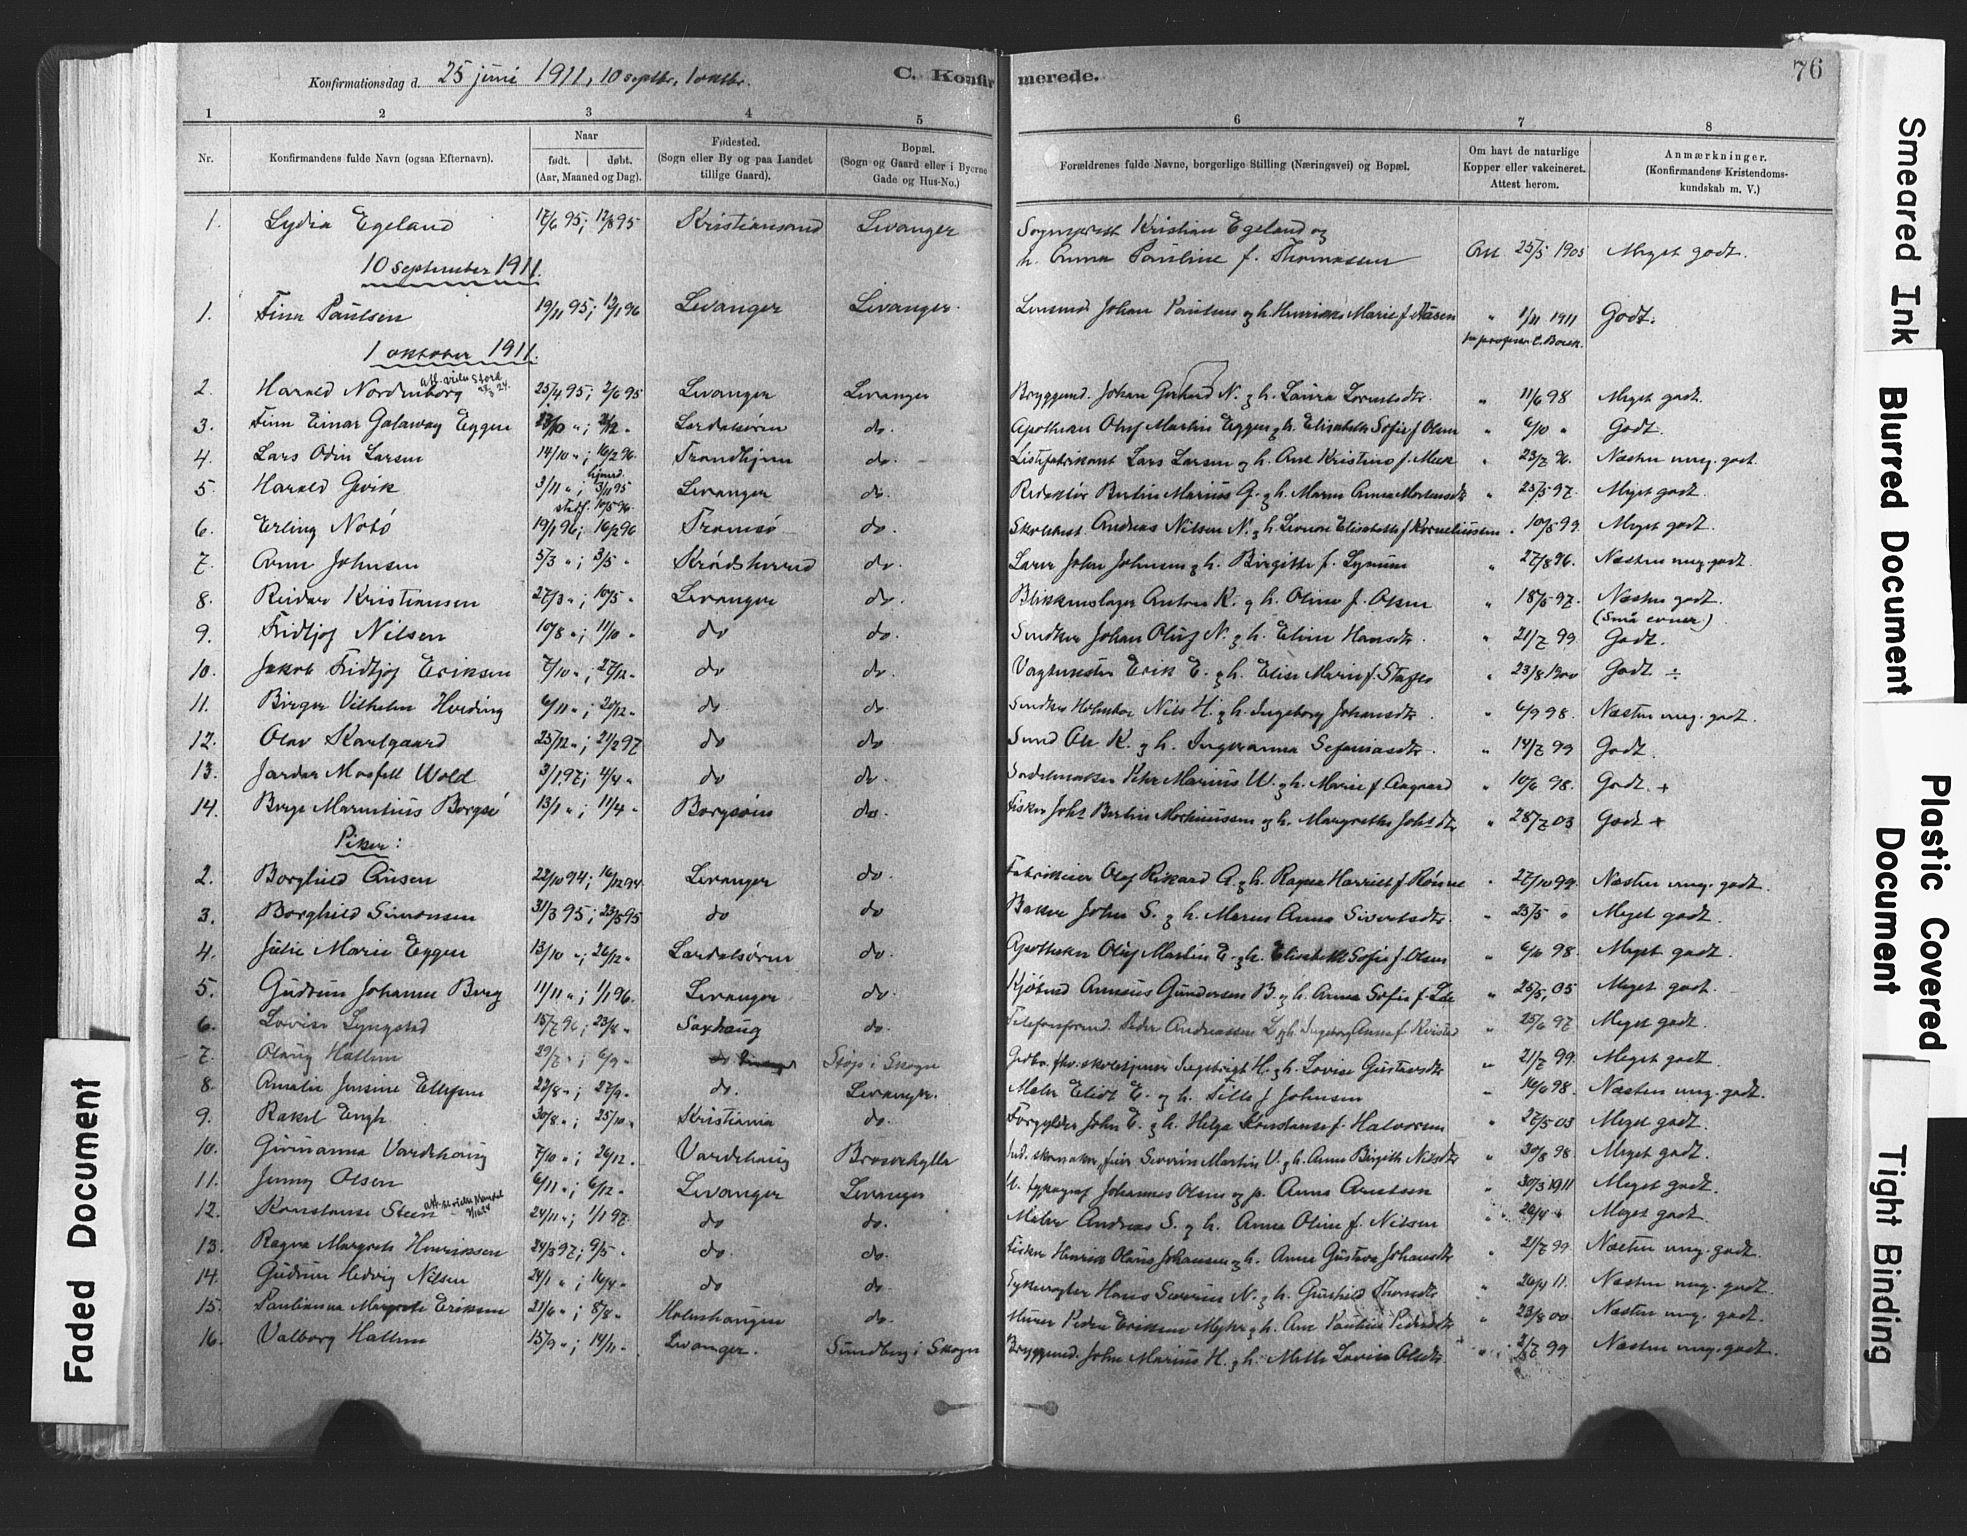 SAT, Ministerialprotokoller, klokkerbøker og fødselsregistre - Nord-Trøndelag, 720/L0189: Ministerialbok nr. 720A05, 1880-1911, s. 76